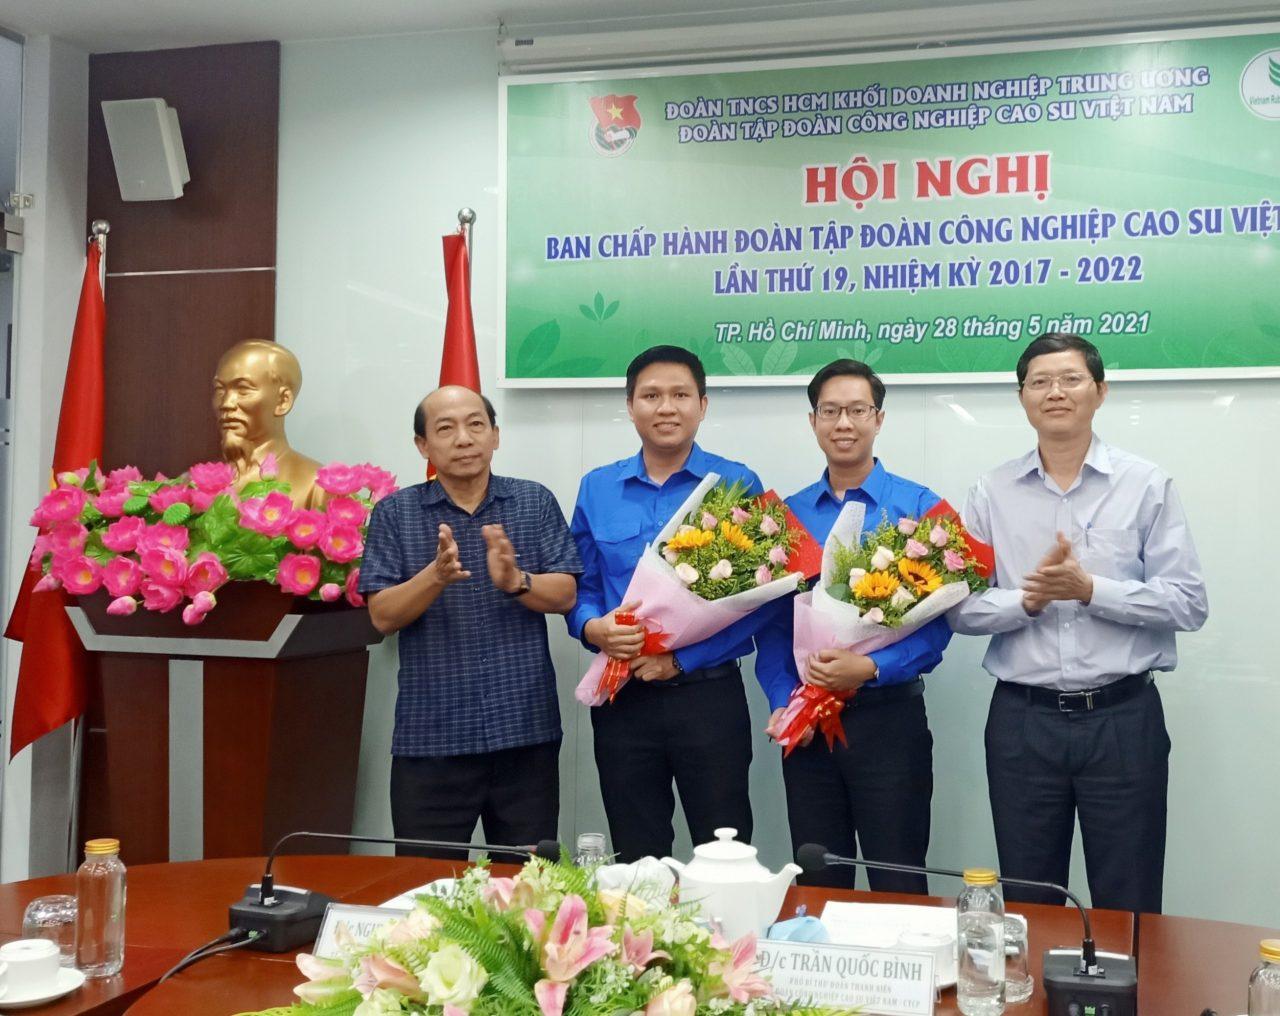 Đồng chí Trần Quốc Bình giữ chức Bí thư Đoàn Thanh niên VRG